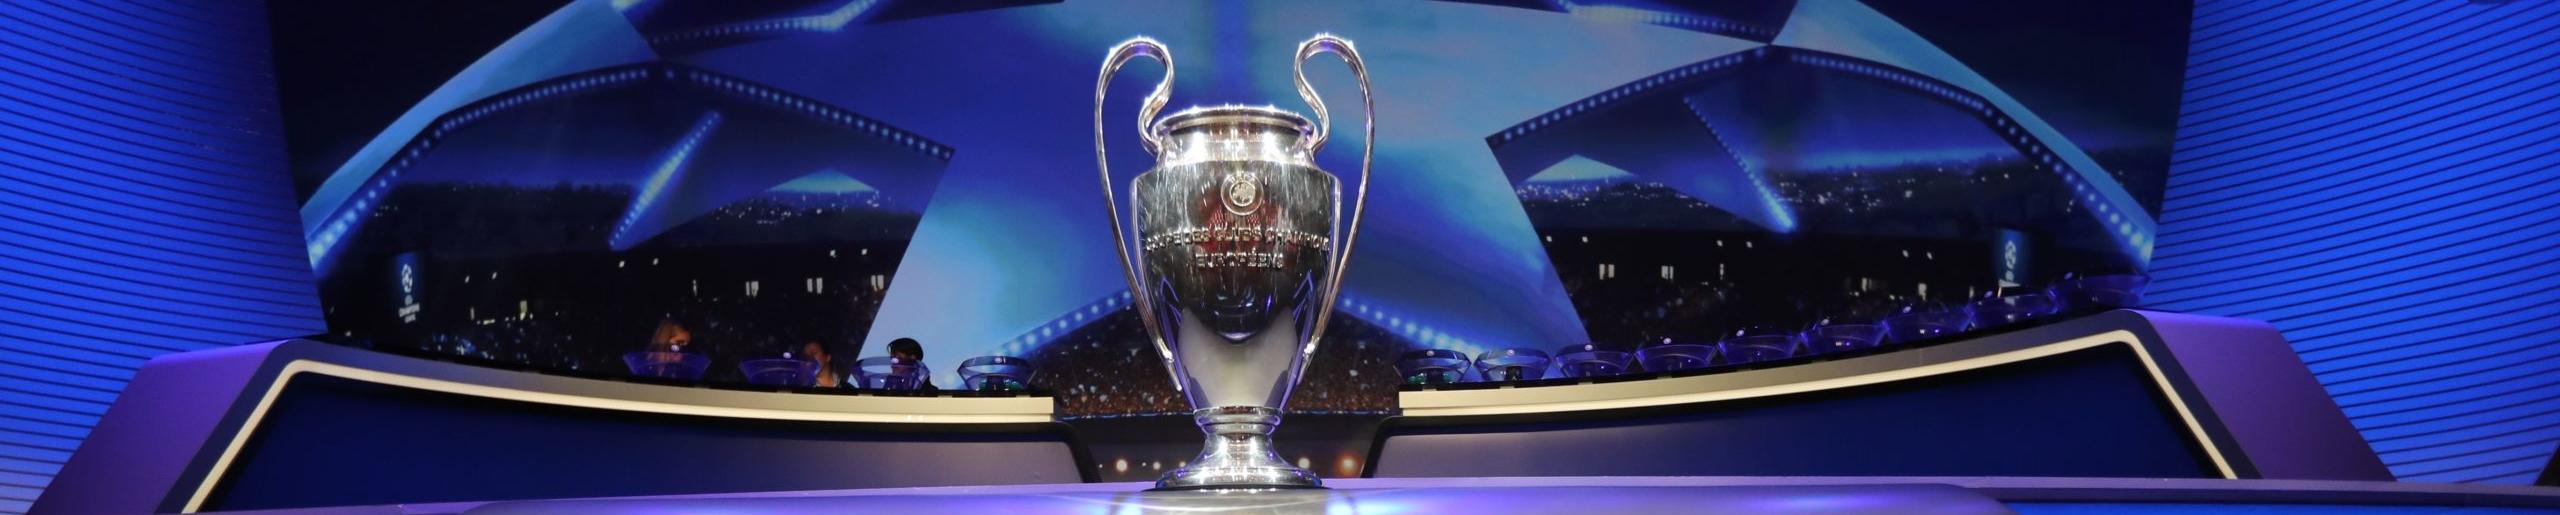 Le quote dei preliminari di Champions League: le gare in programma il 25 e 26 agosto